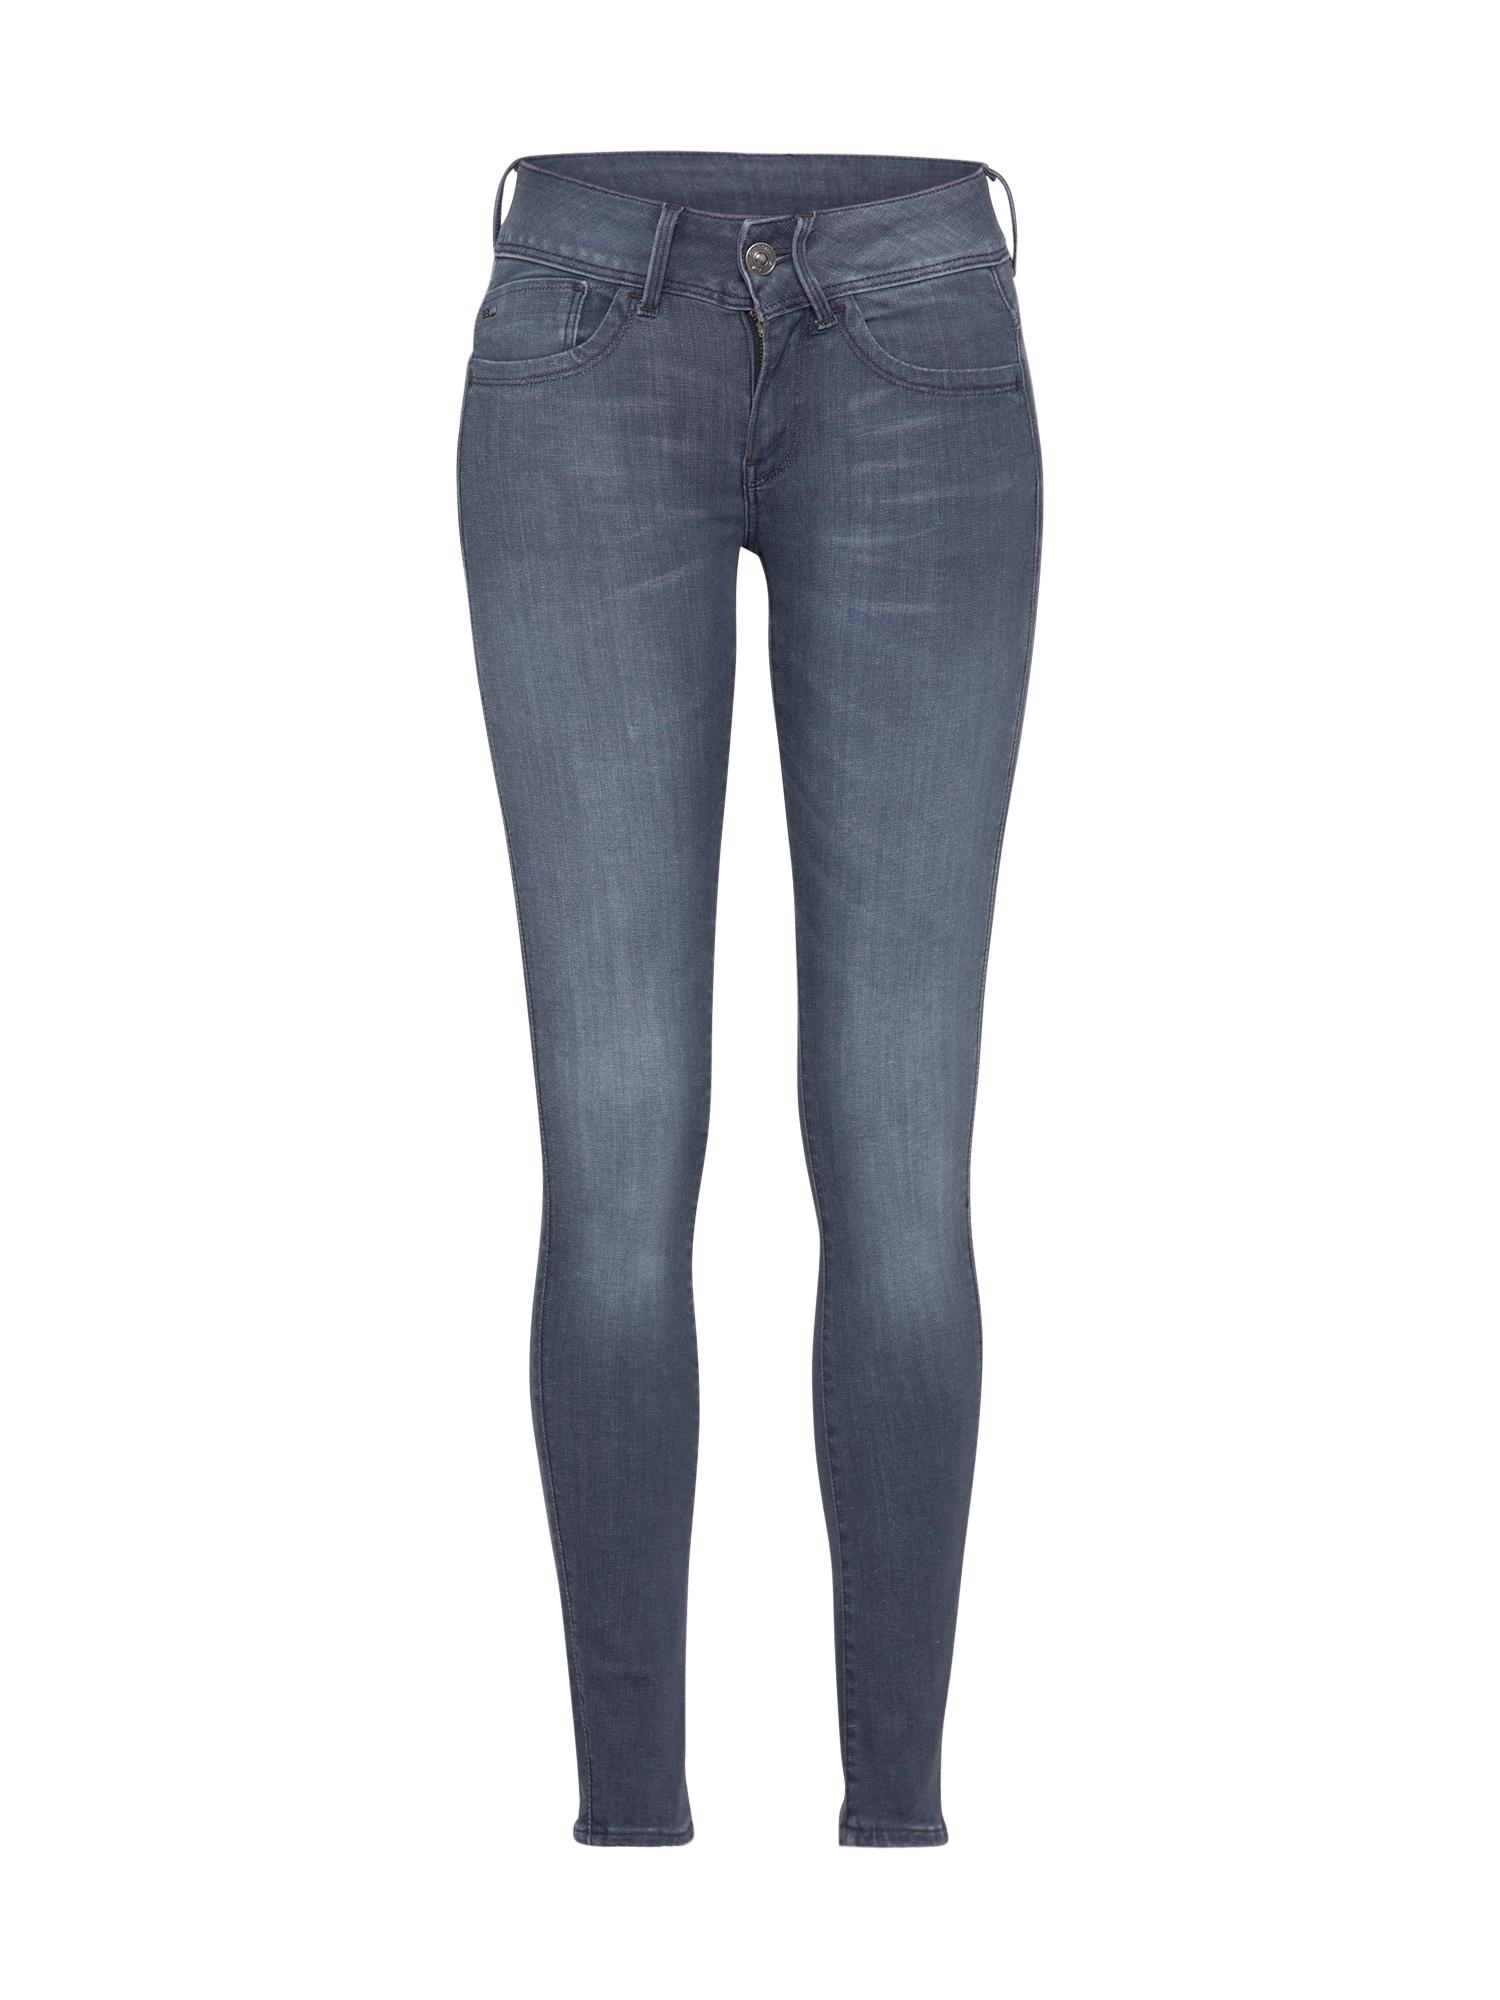 G-STAR RAW Dames Jeans Lynn grey denim